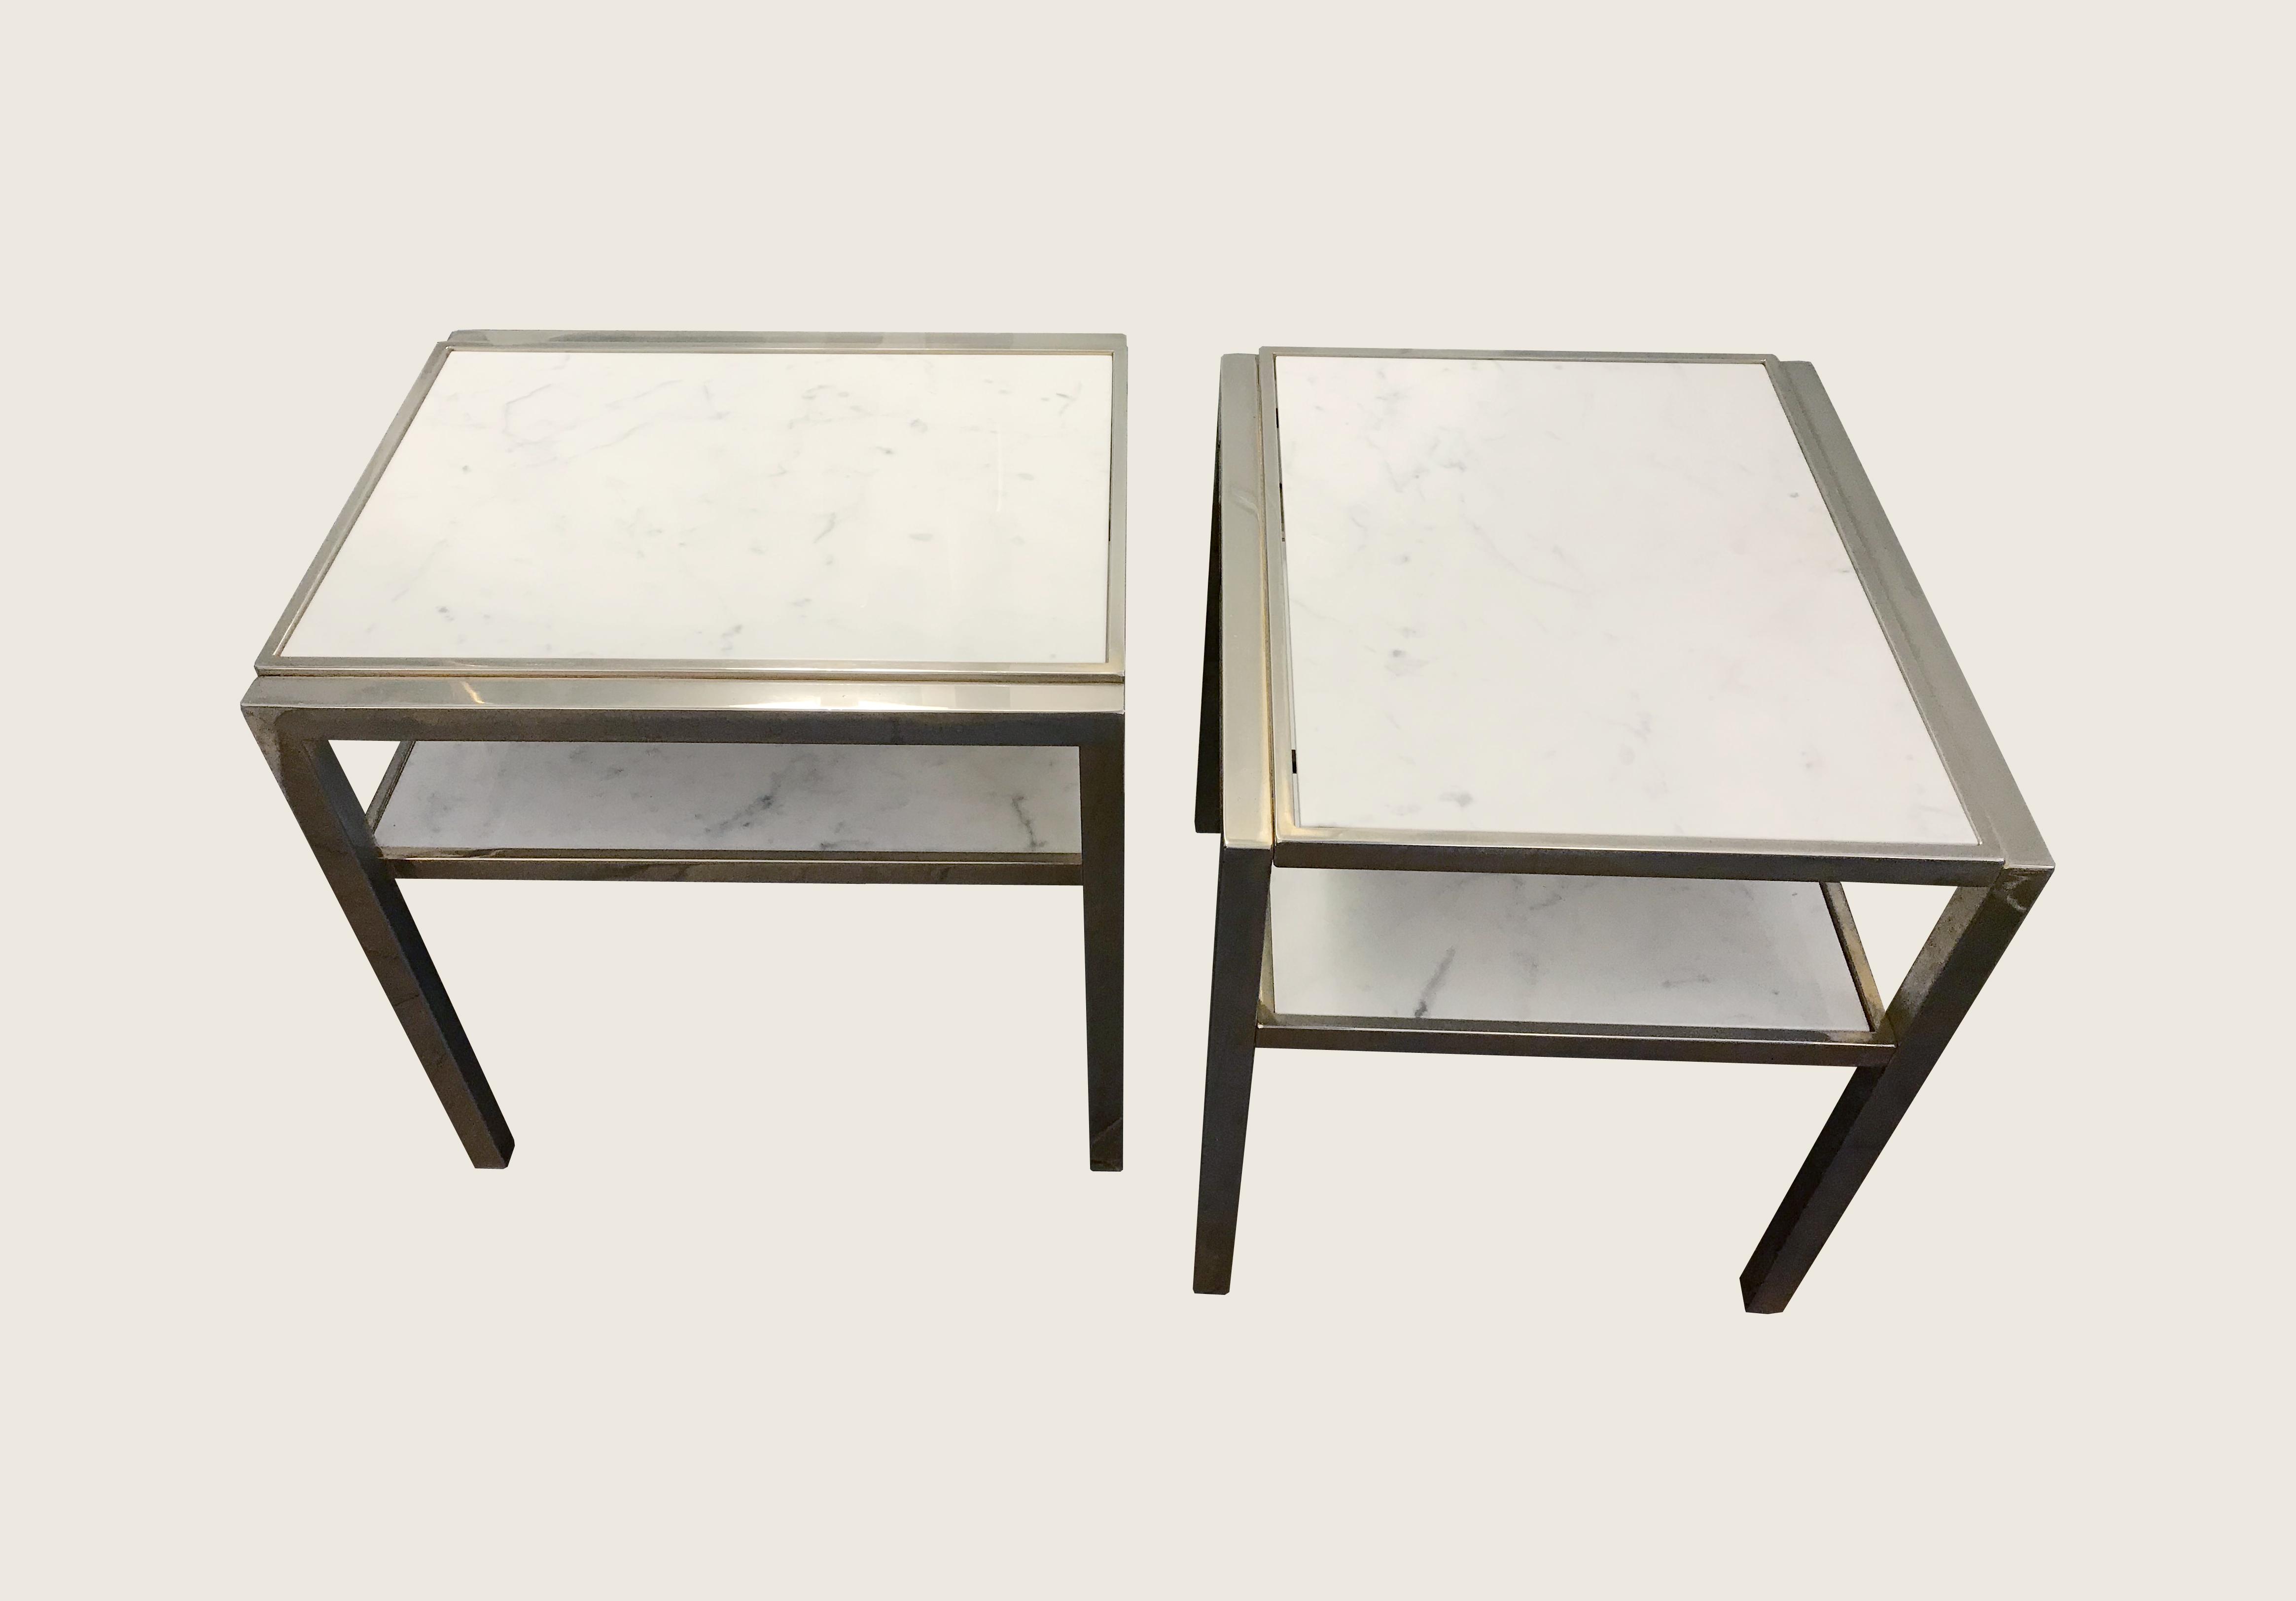 Paire de bouts de canapé en marbre de carrare et métal nickelé